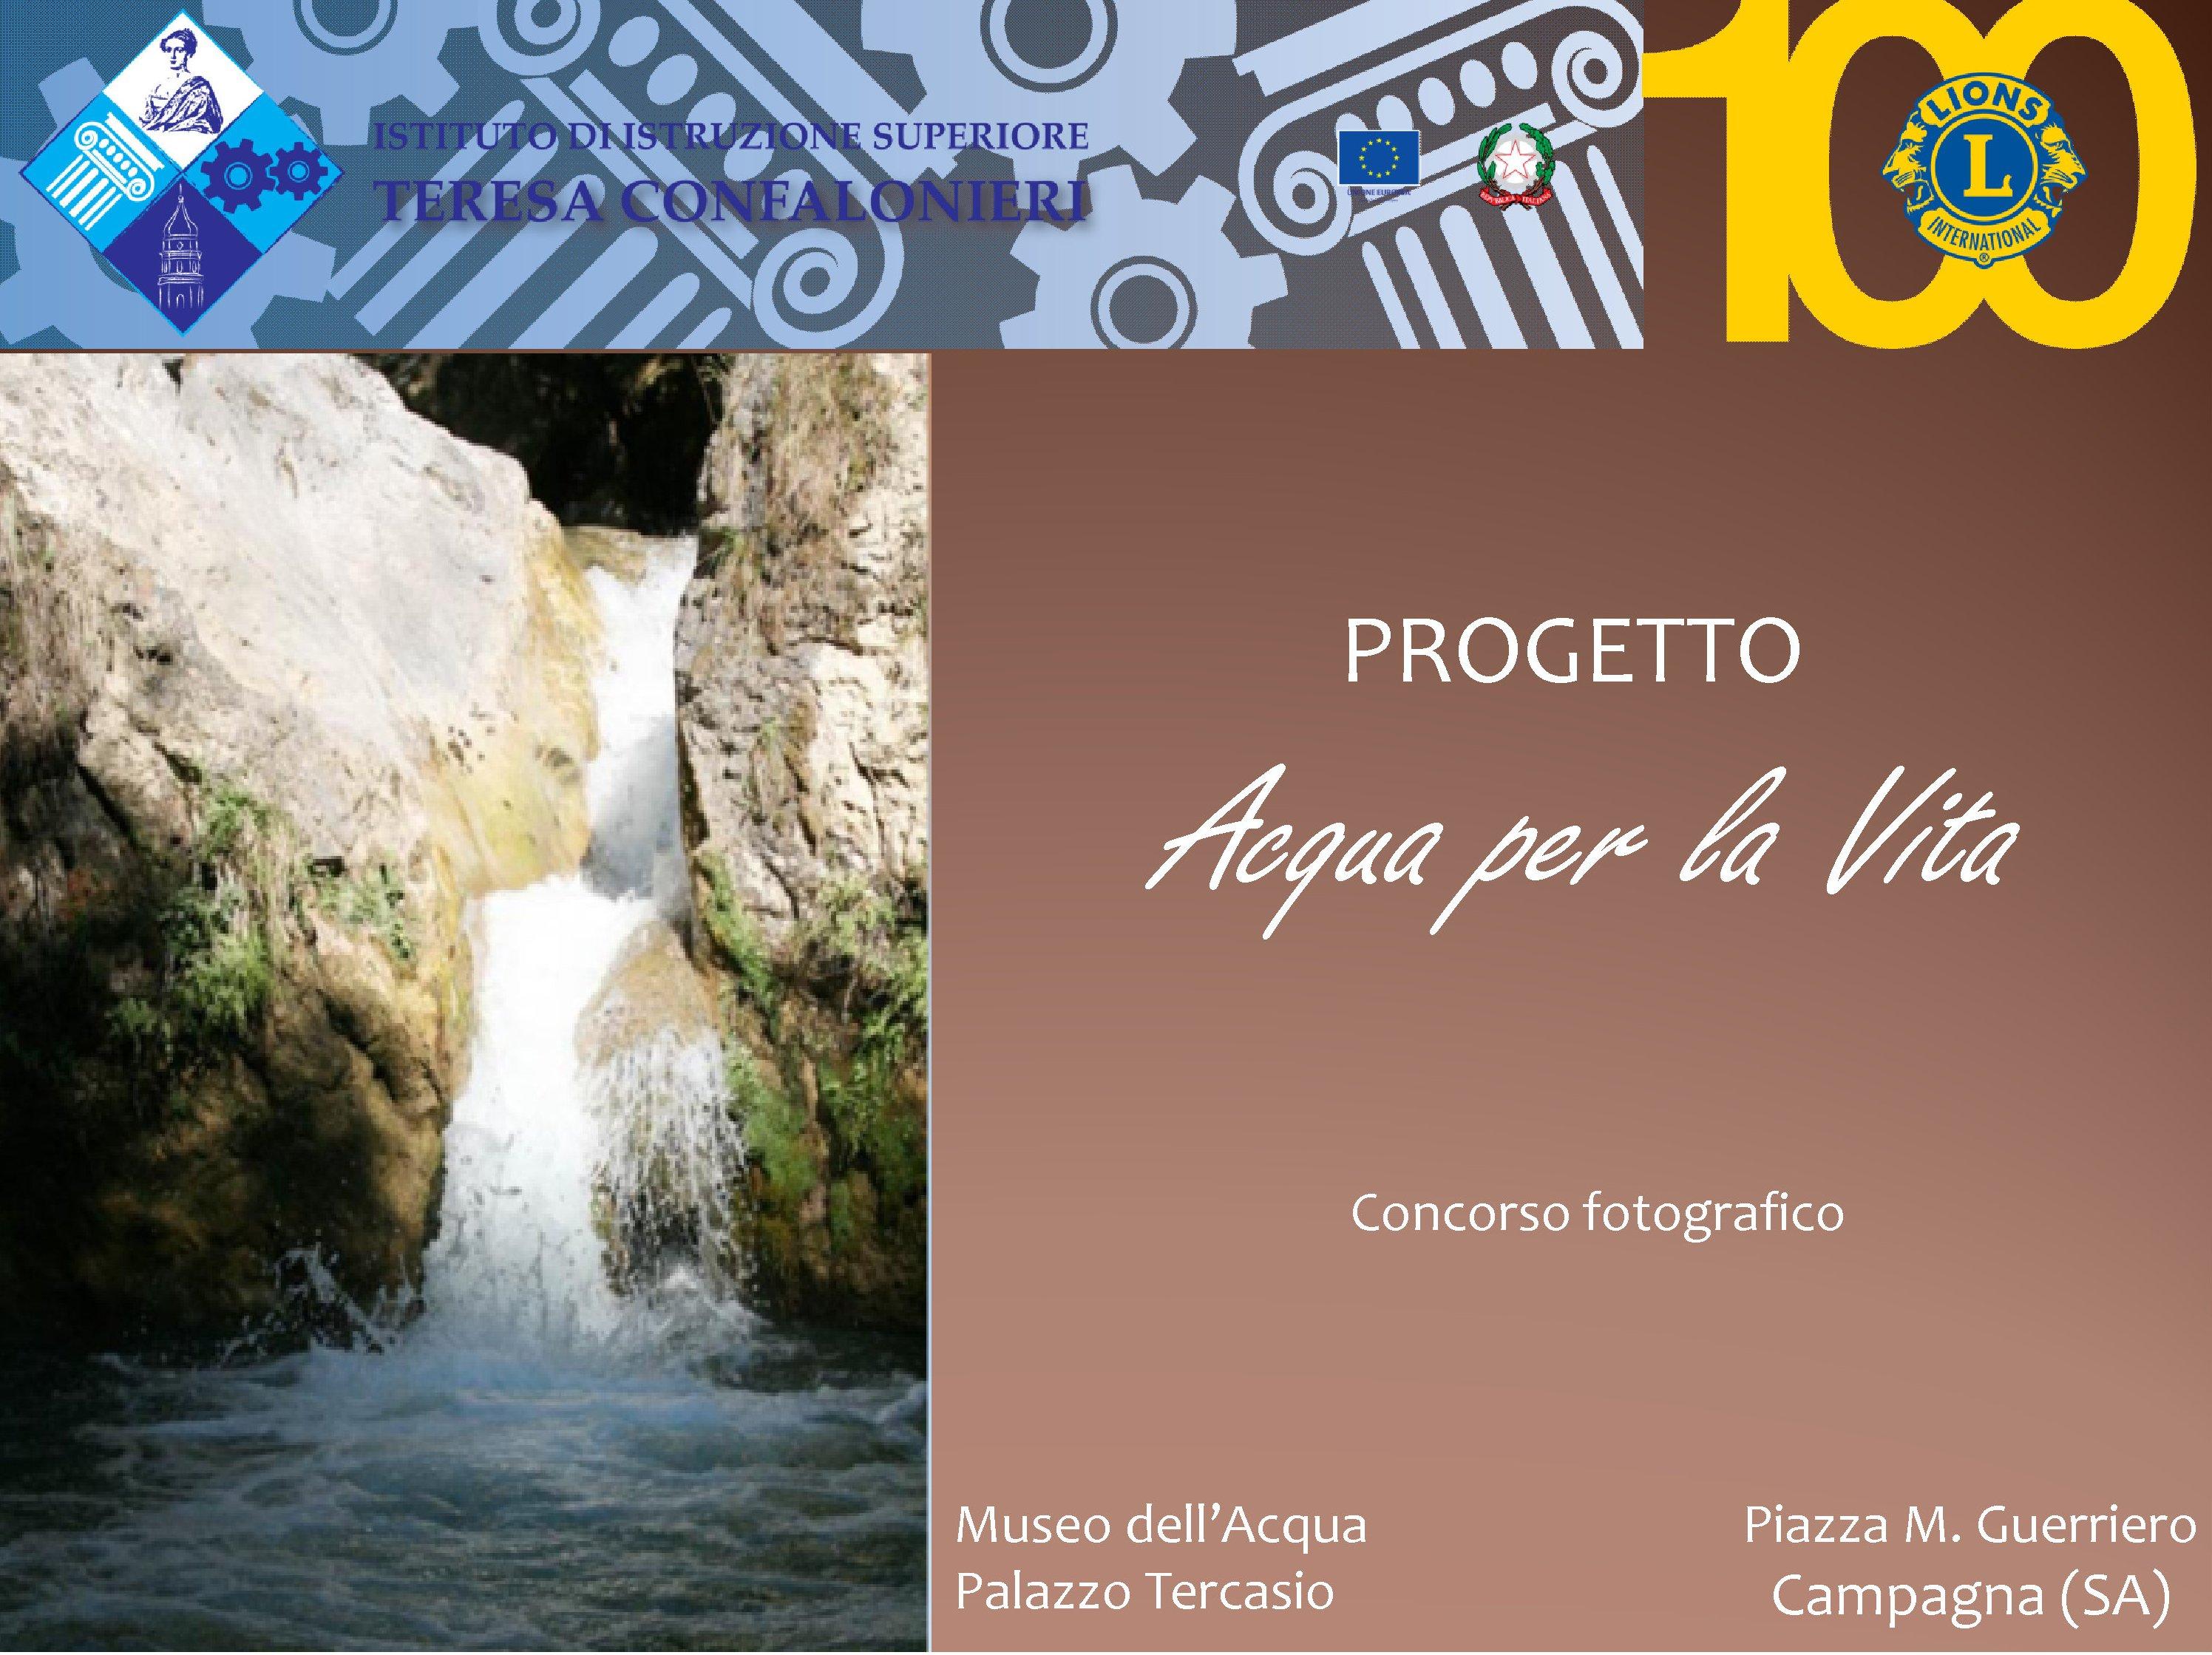 progetto-Acqua per la Vita-concorso fotografico-Campagna